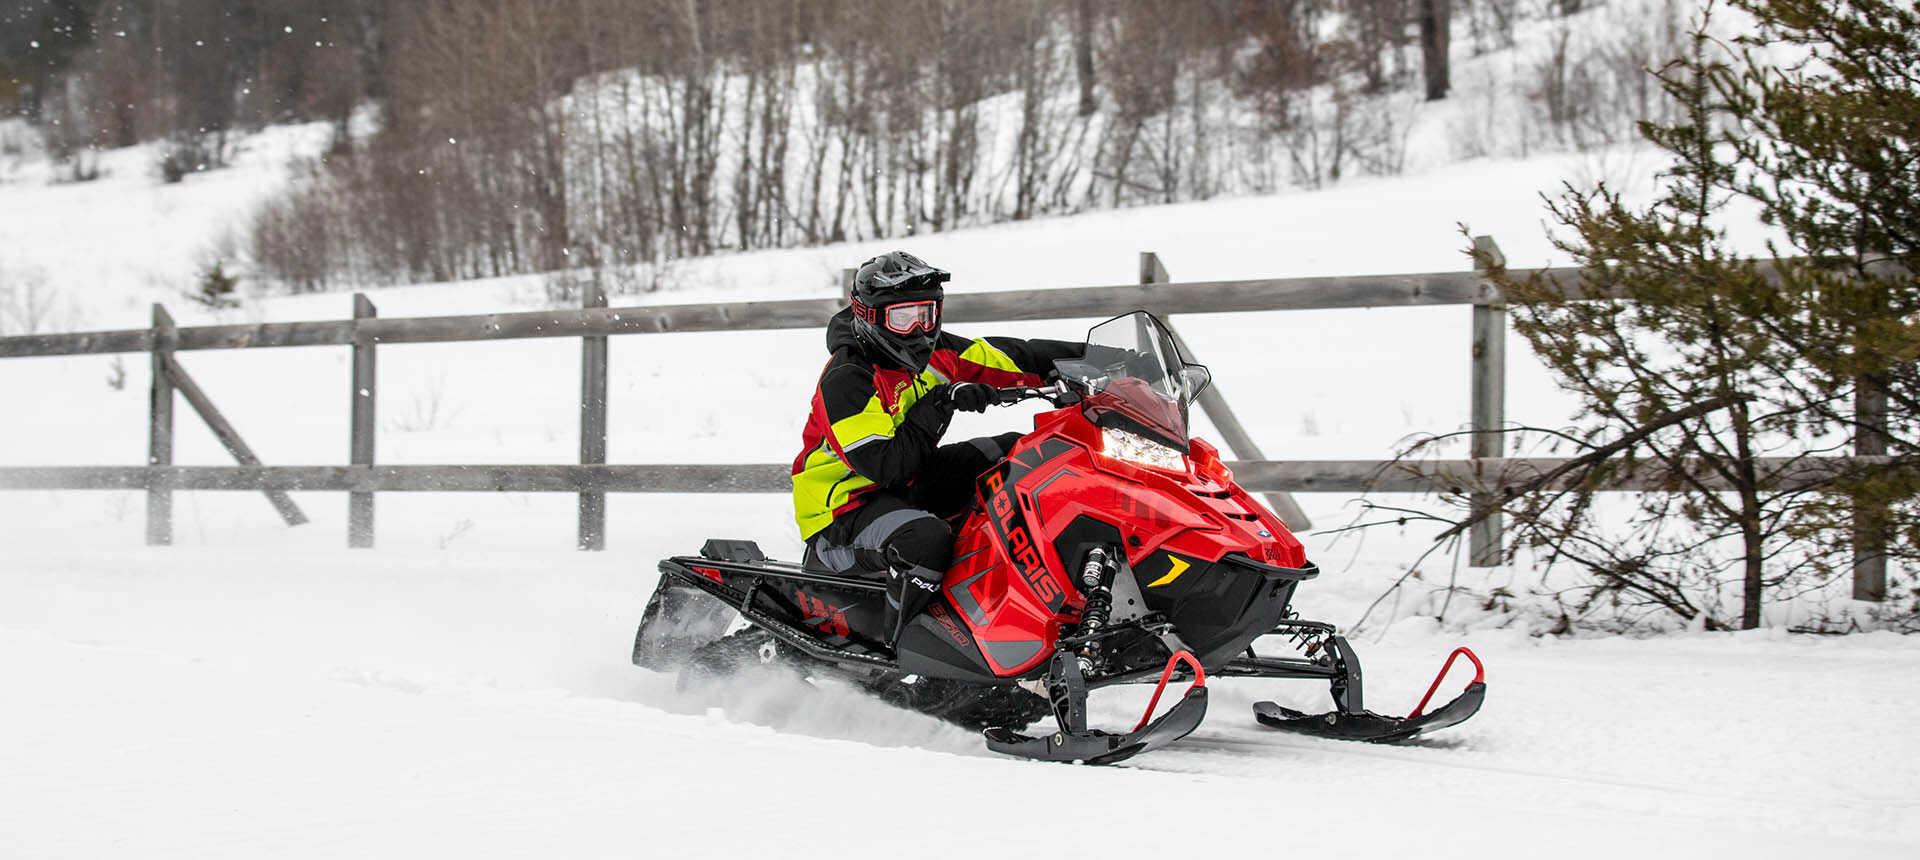 Обзор снегохода-кроссовера Polaris Indy